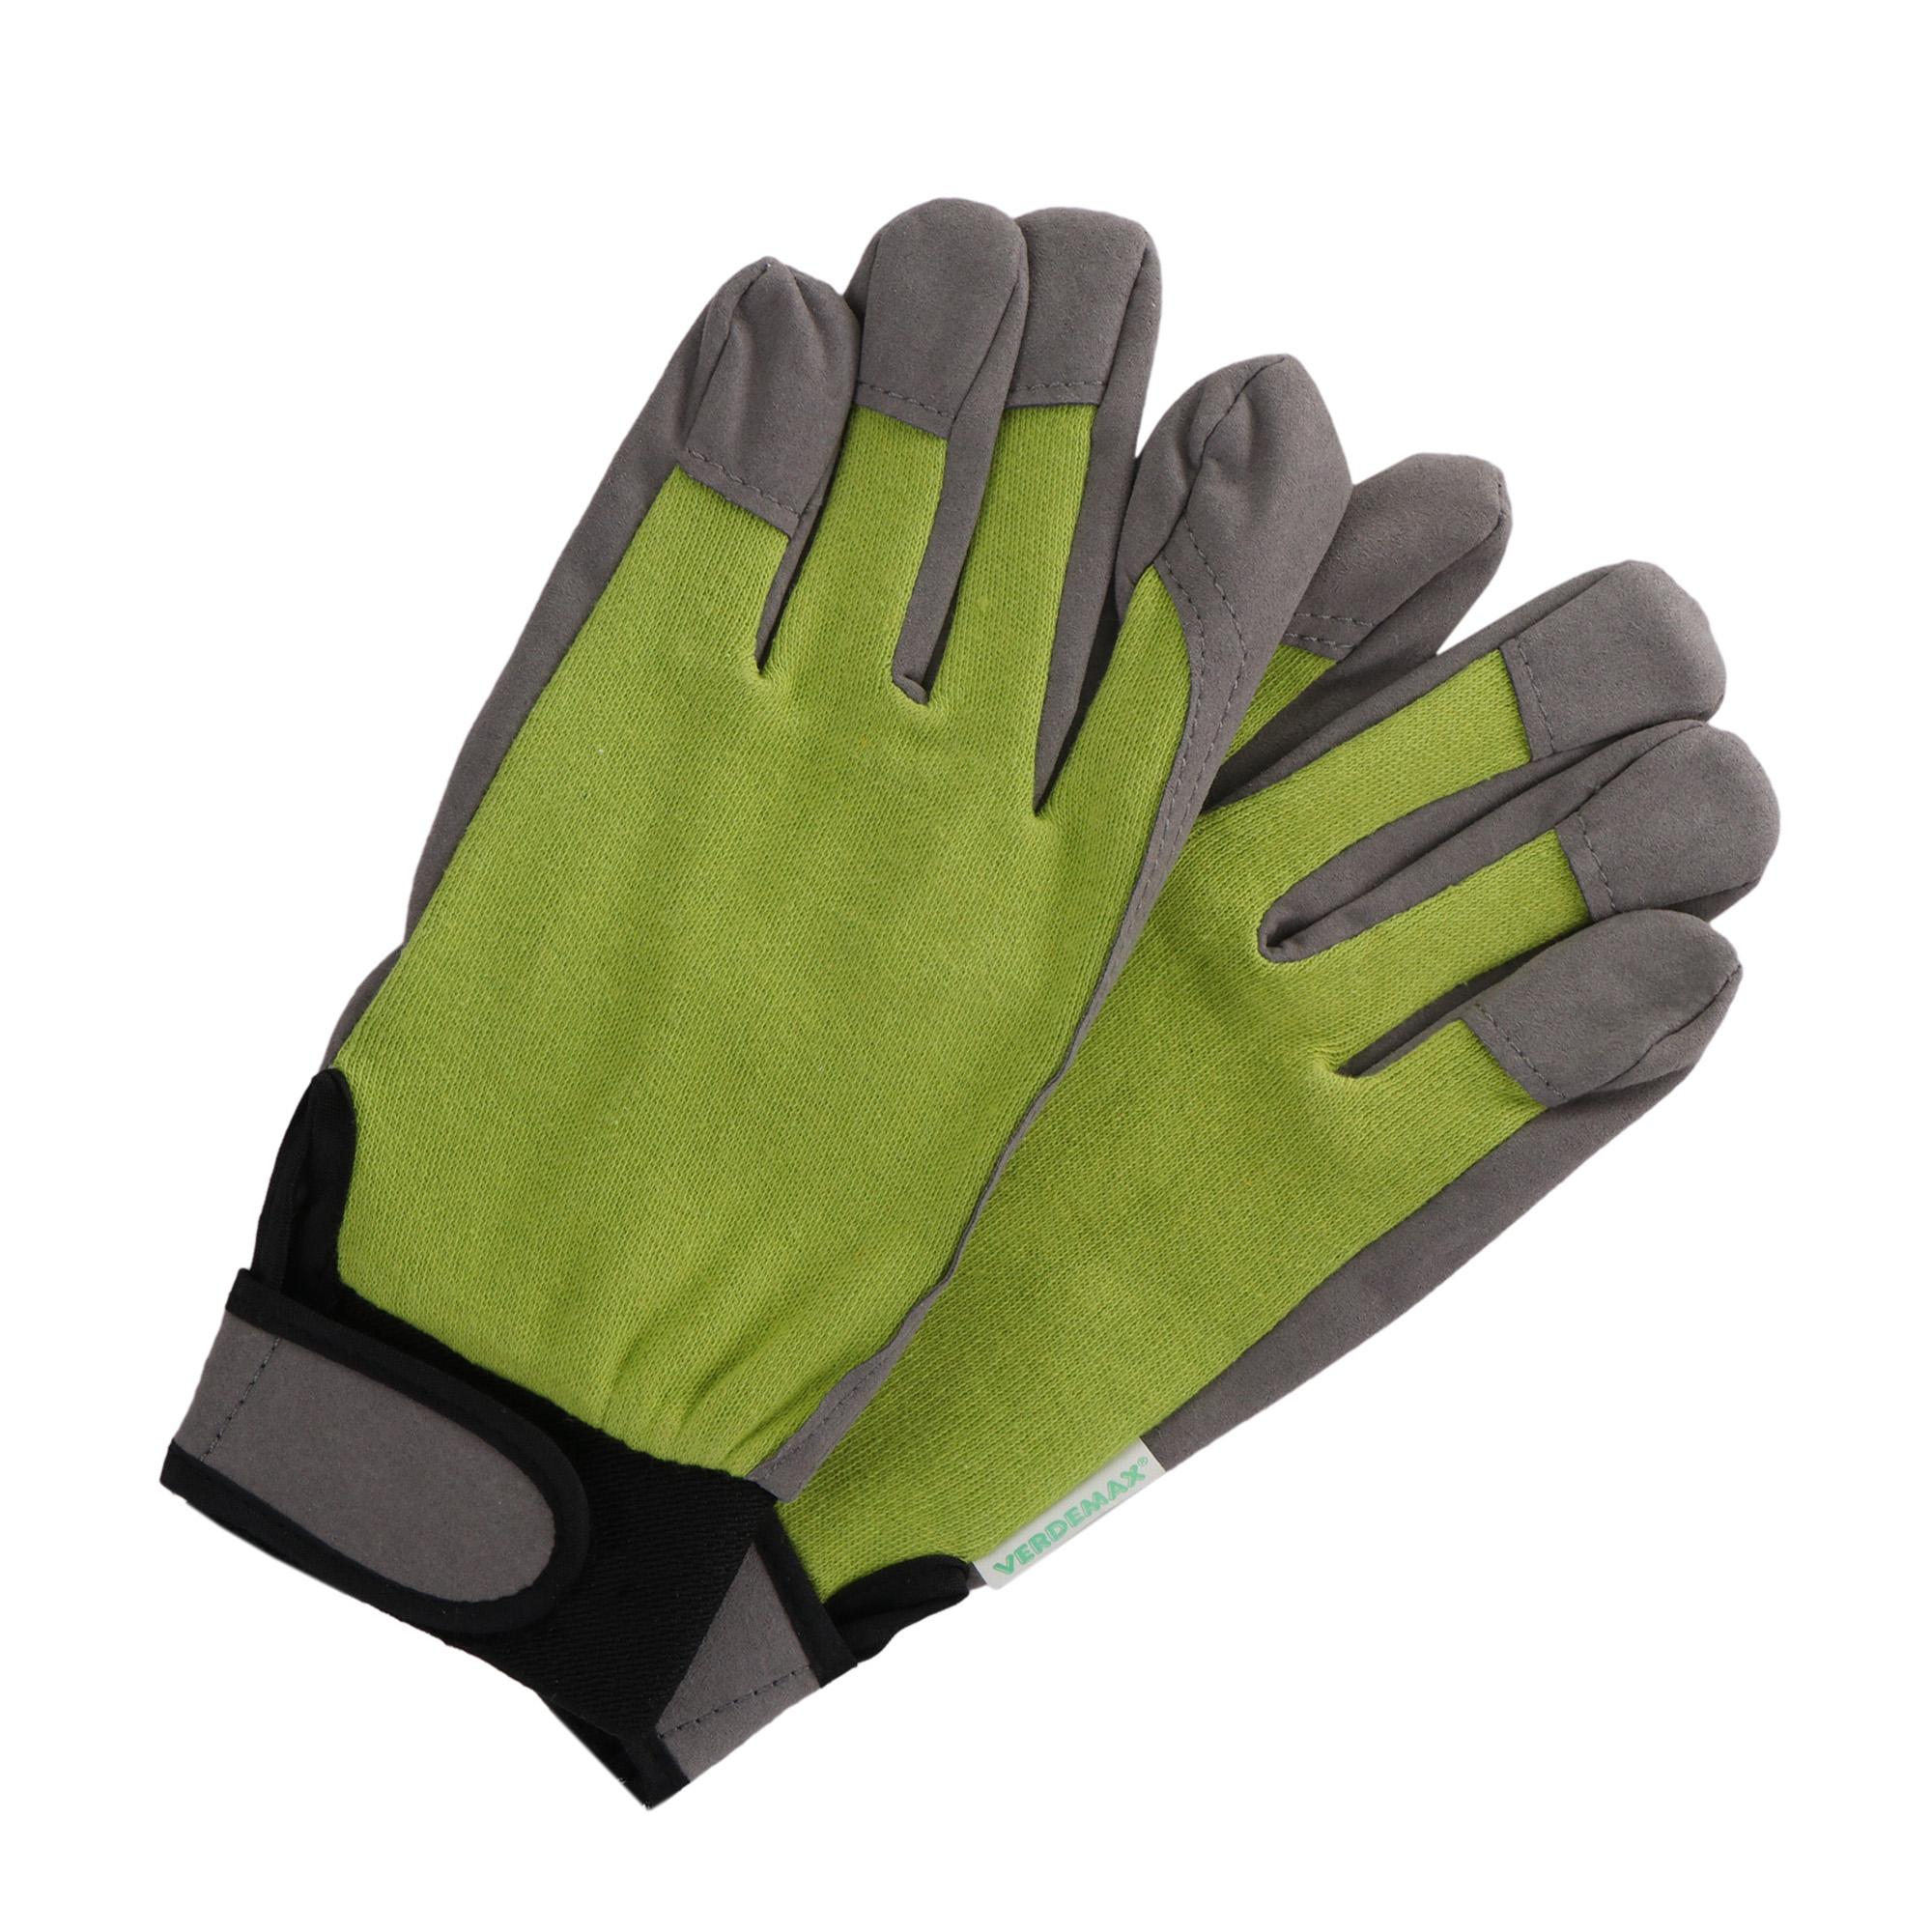 Фото - Перчатки садовые Verdemax golf серо-зеленые m перчатки садовые verdemax серо зеленые m